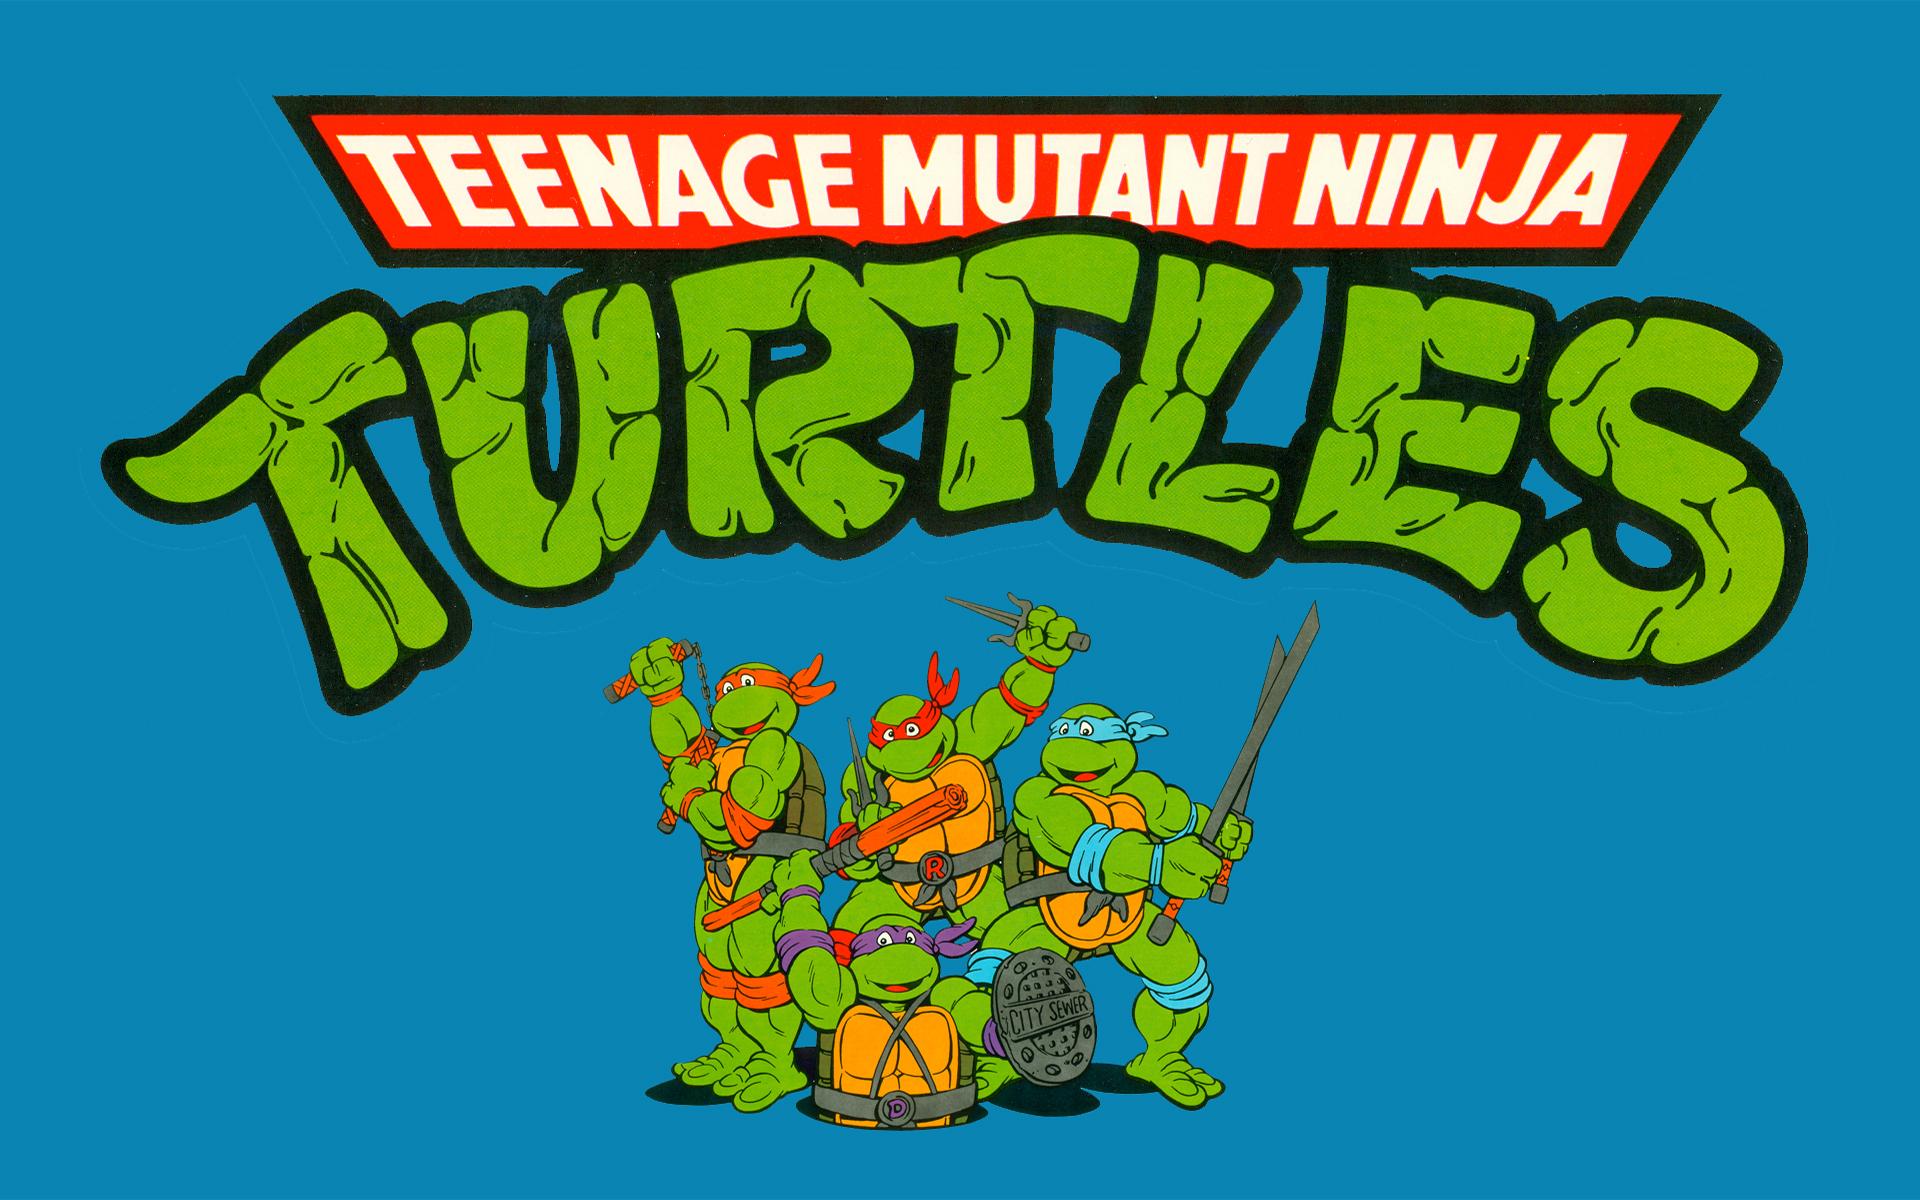 Tmnt Wallpaper Hd Cool Amazing Teenage Mutant Ninja Turtles